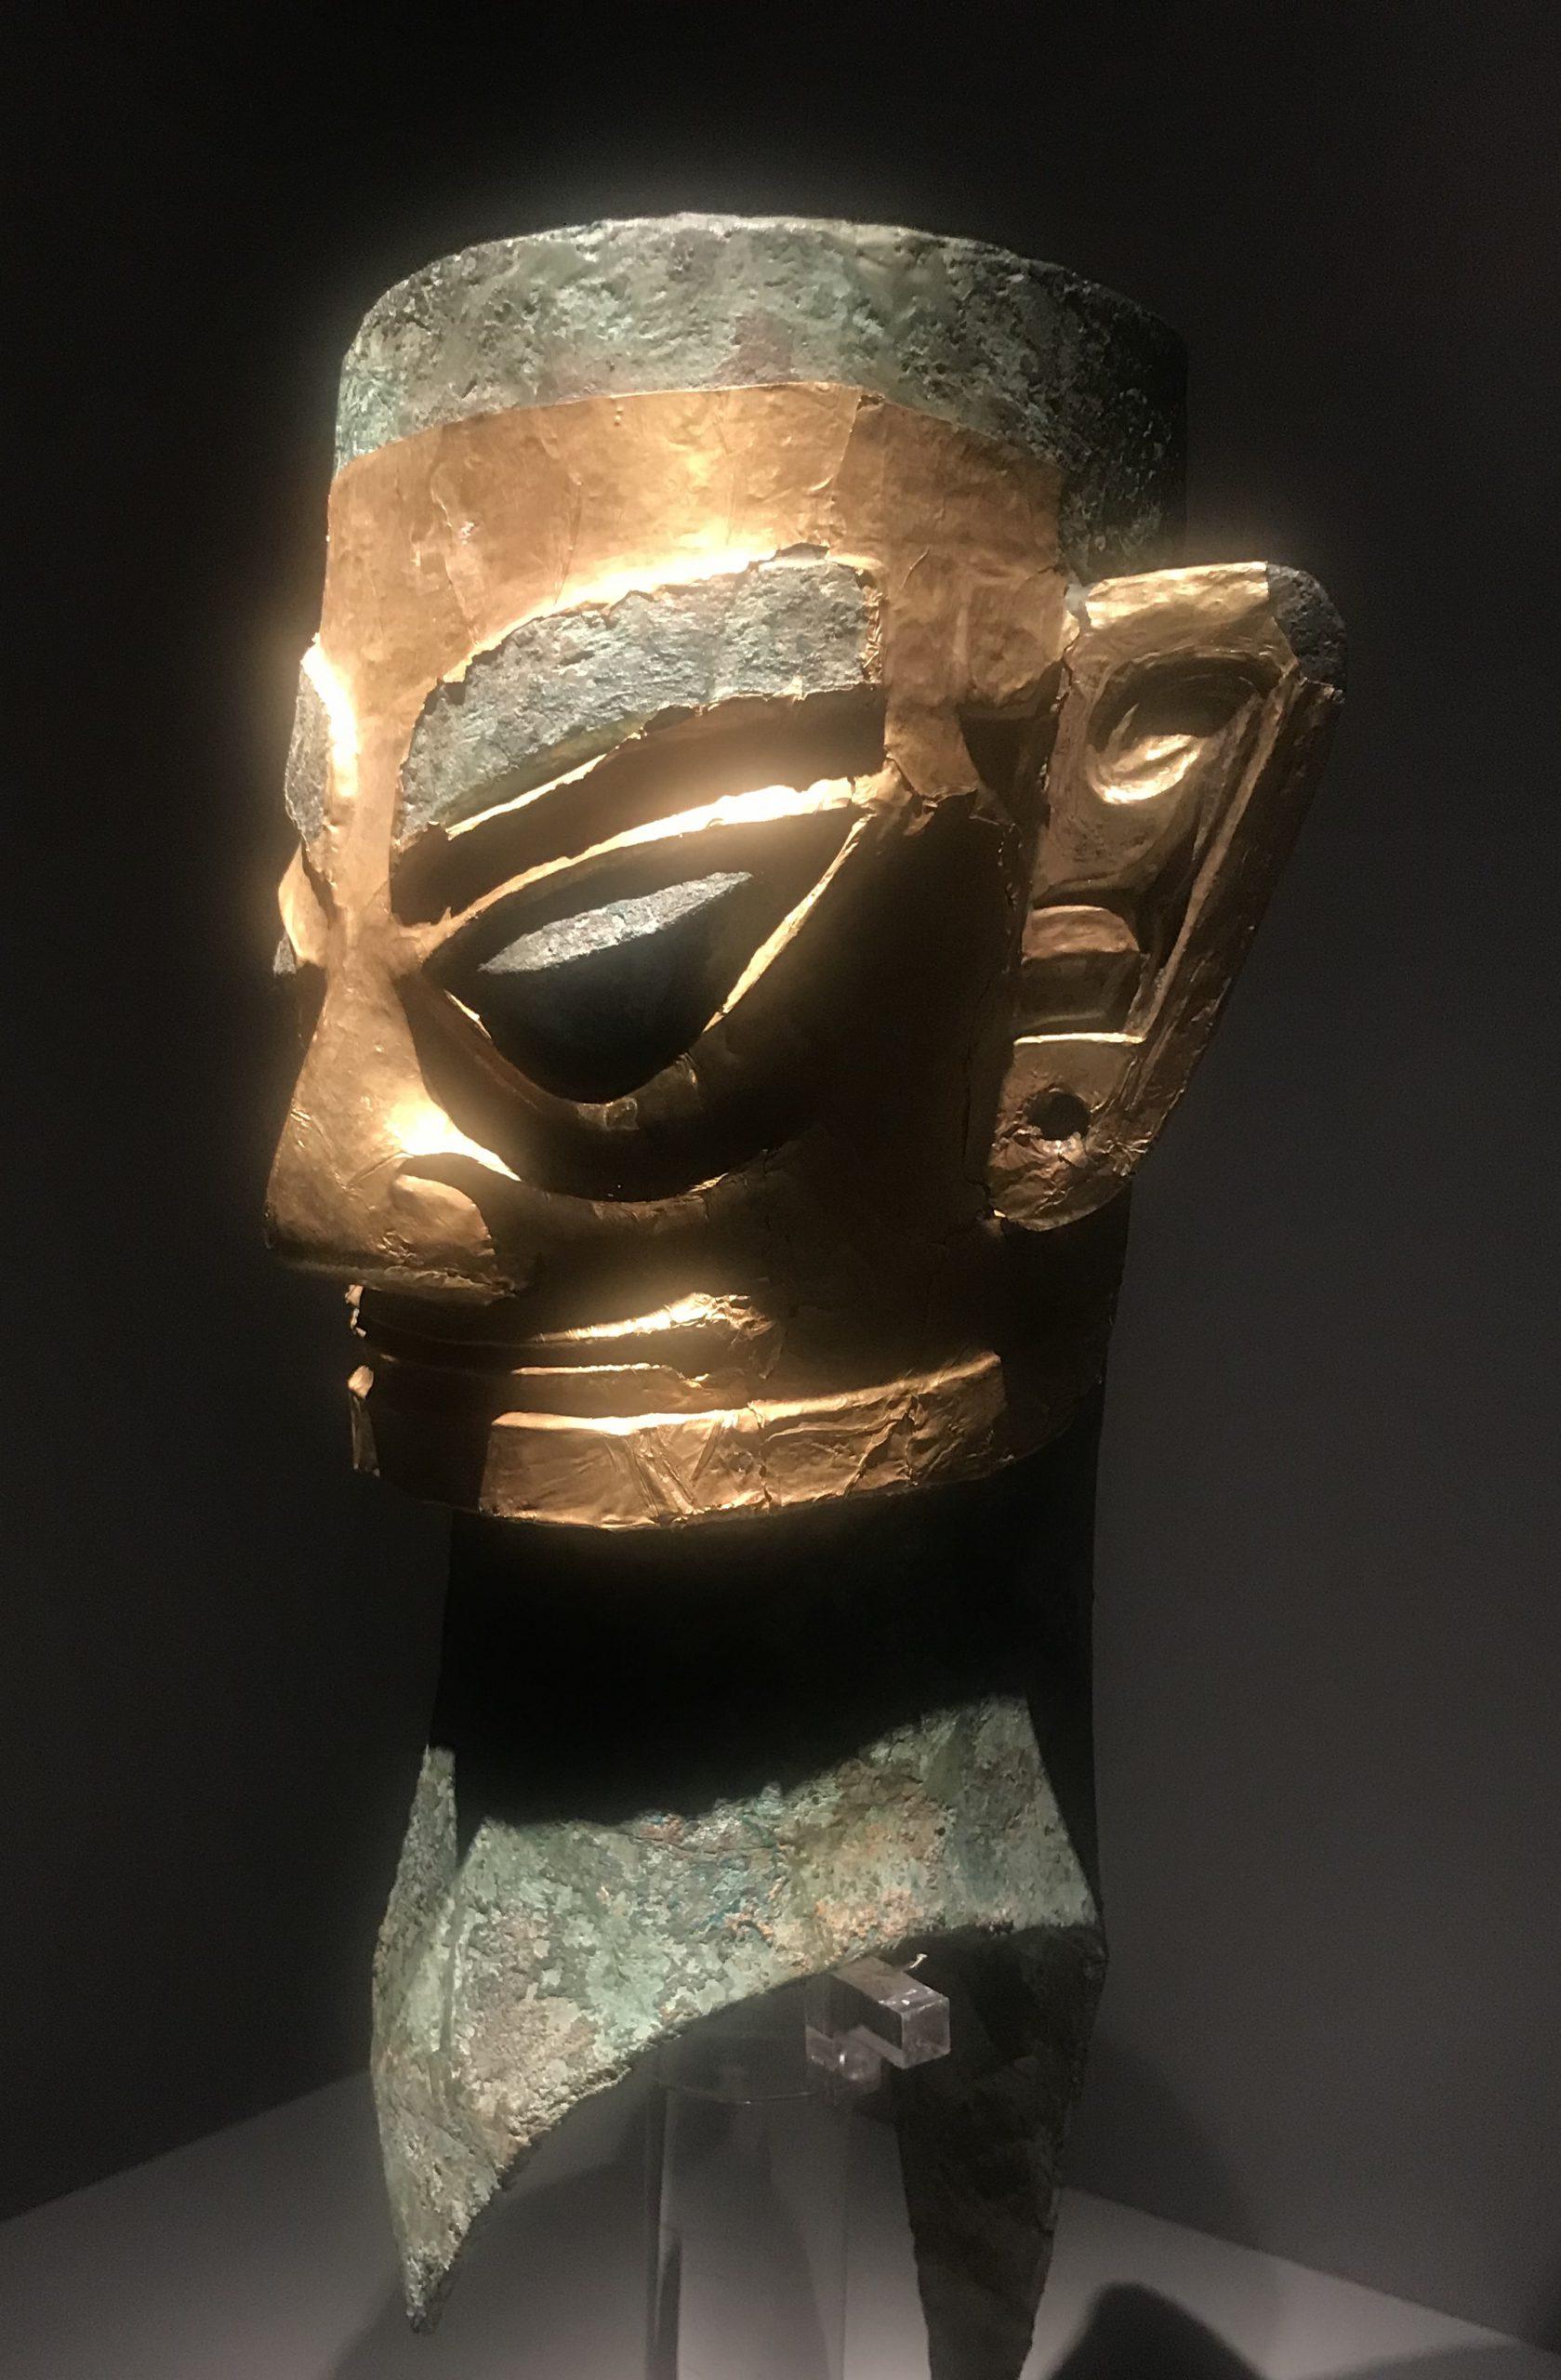 金マスク青銅人頭像-青銅器館-三星堆博物館-広漢市-徳陽市-四川省